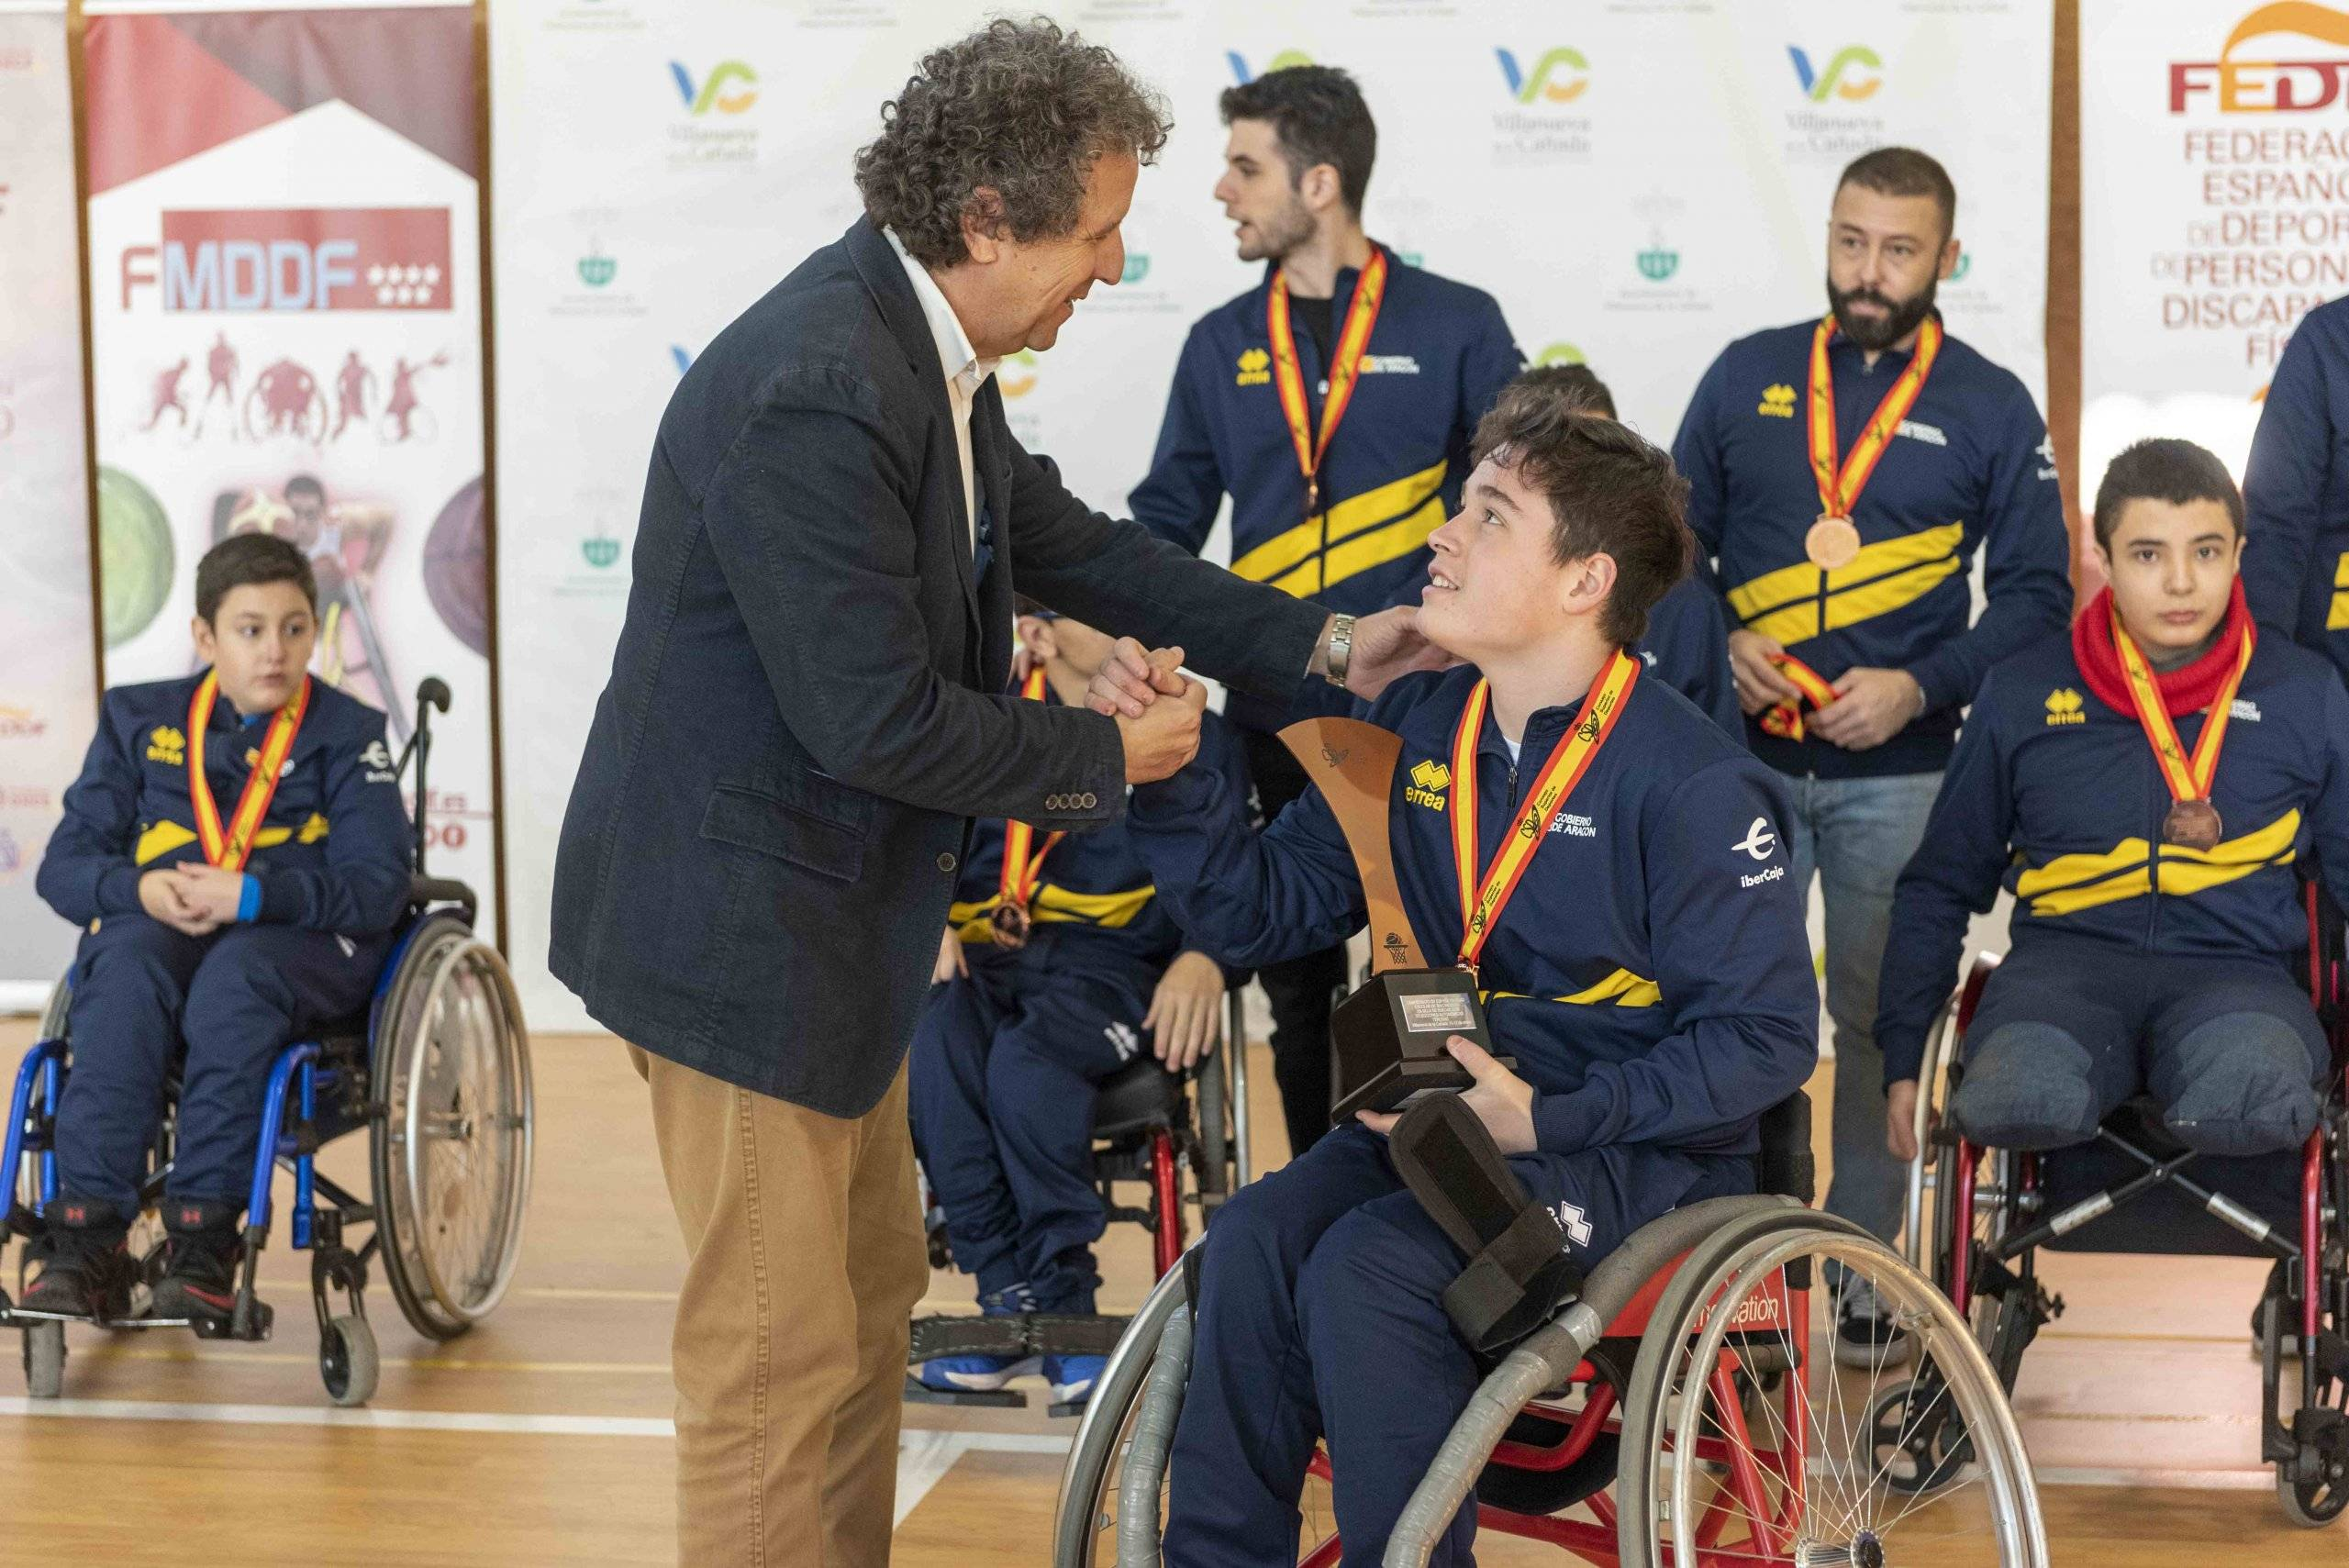 El vicepresidente de la FMDDF, Carlos Rodríguez, entregando uno de los premios a un miembro de la selección aragonesa.